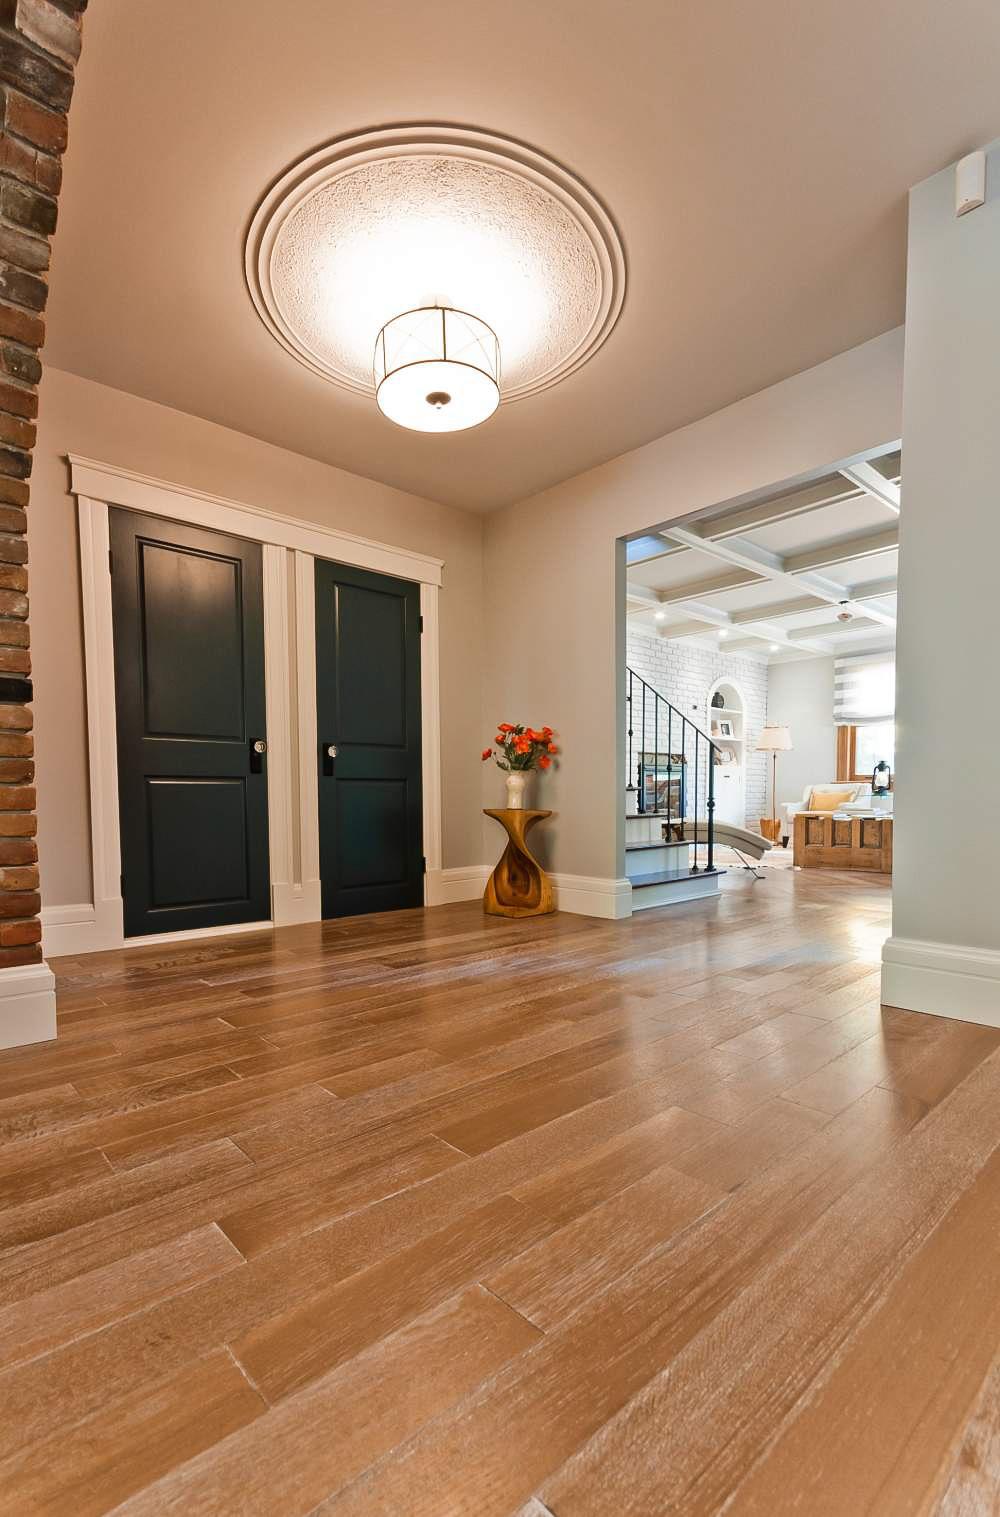 plancher-standard-chene-blanc-quartier-2.jpg